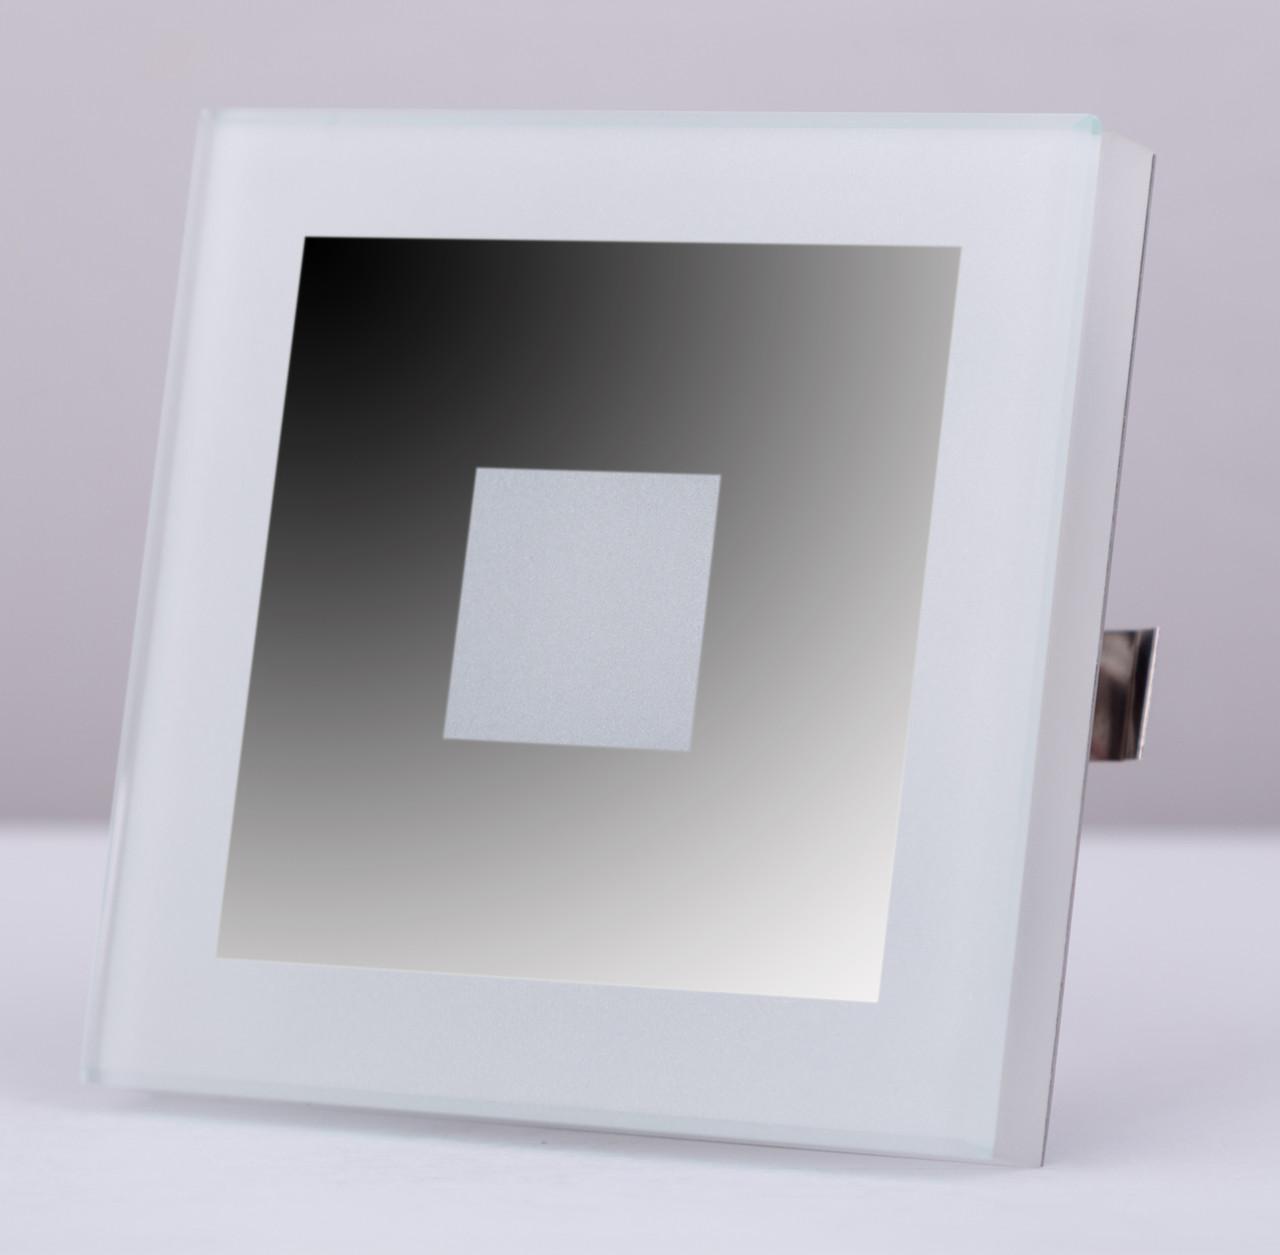 Подсветка LED декоративная LUCCIO2, хром зеркальный, холодный белый